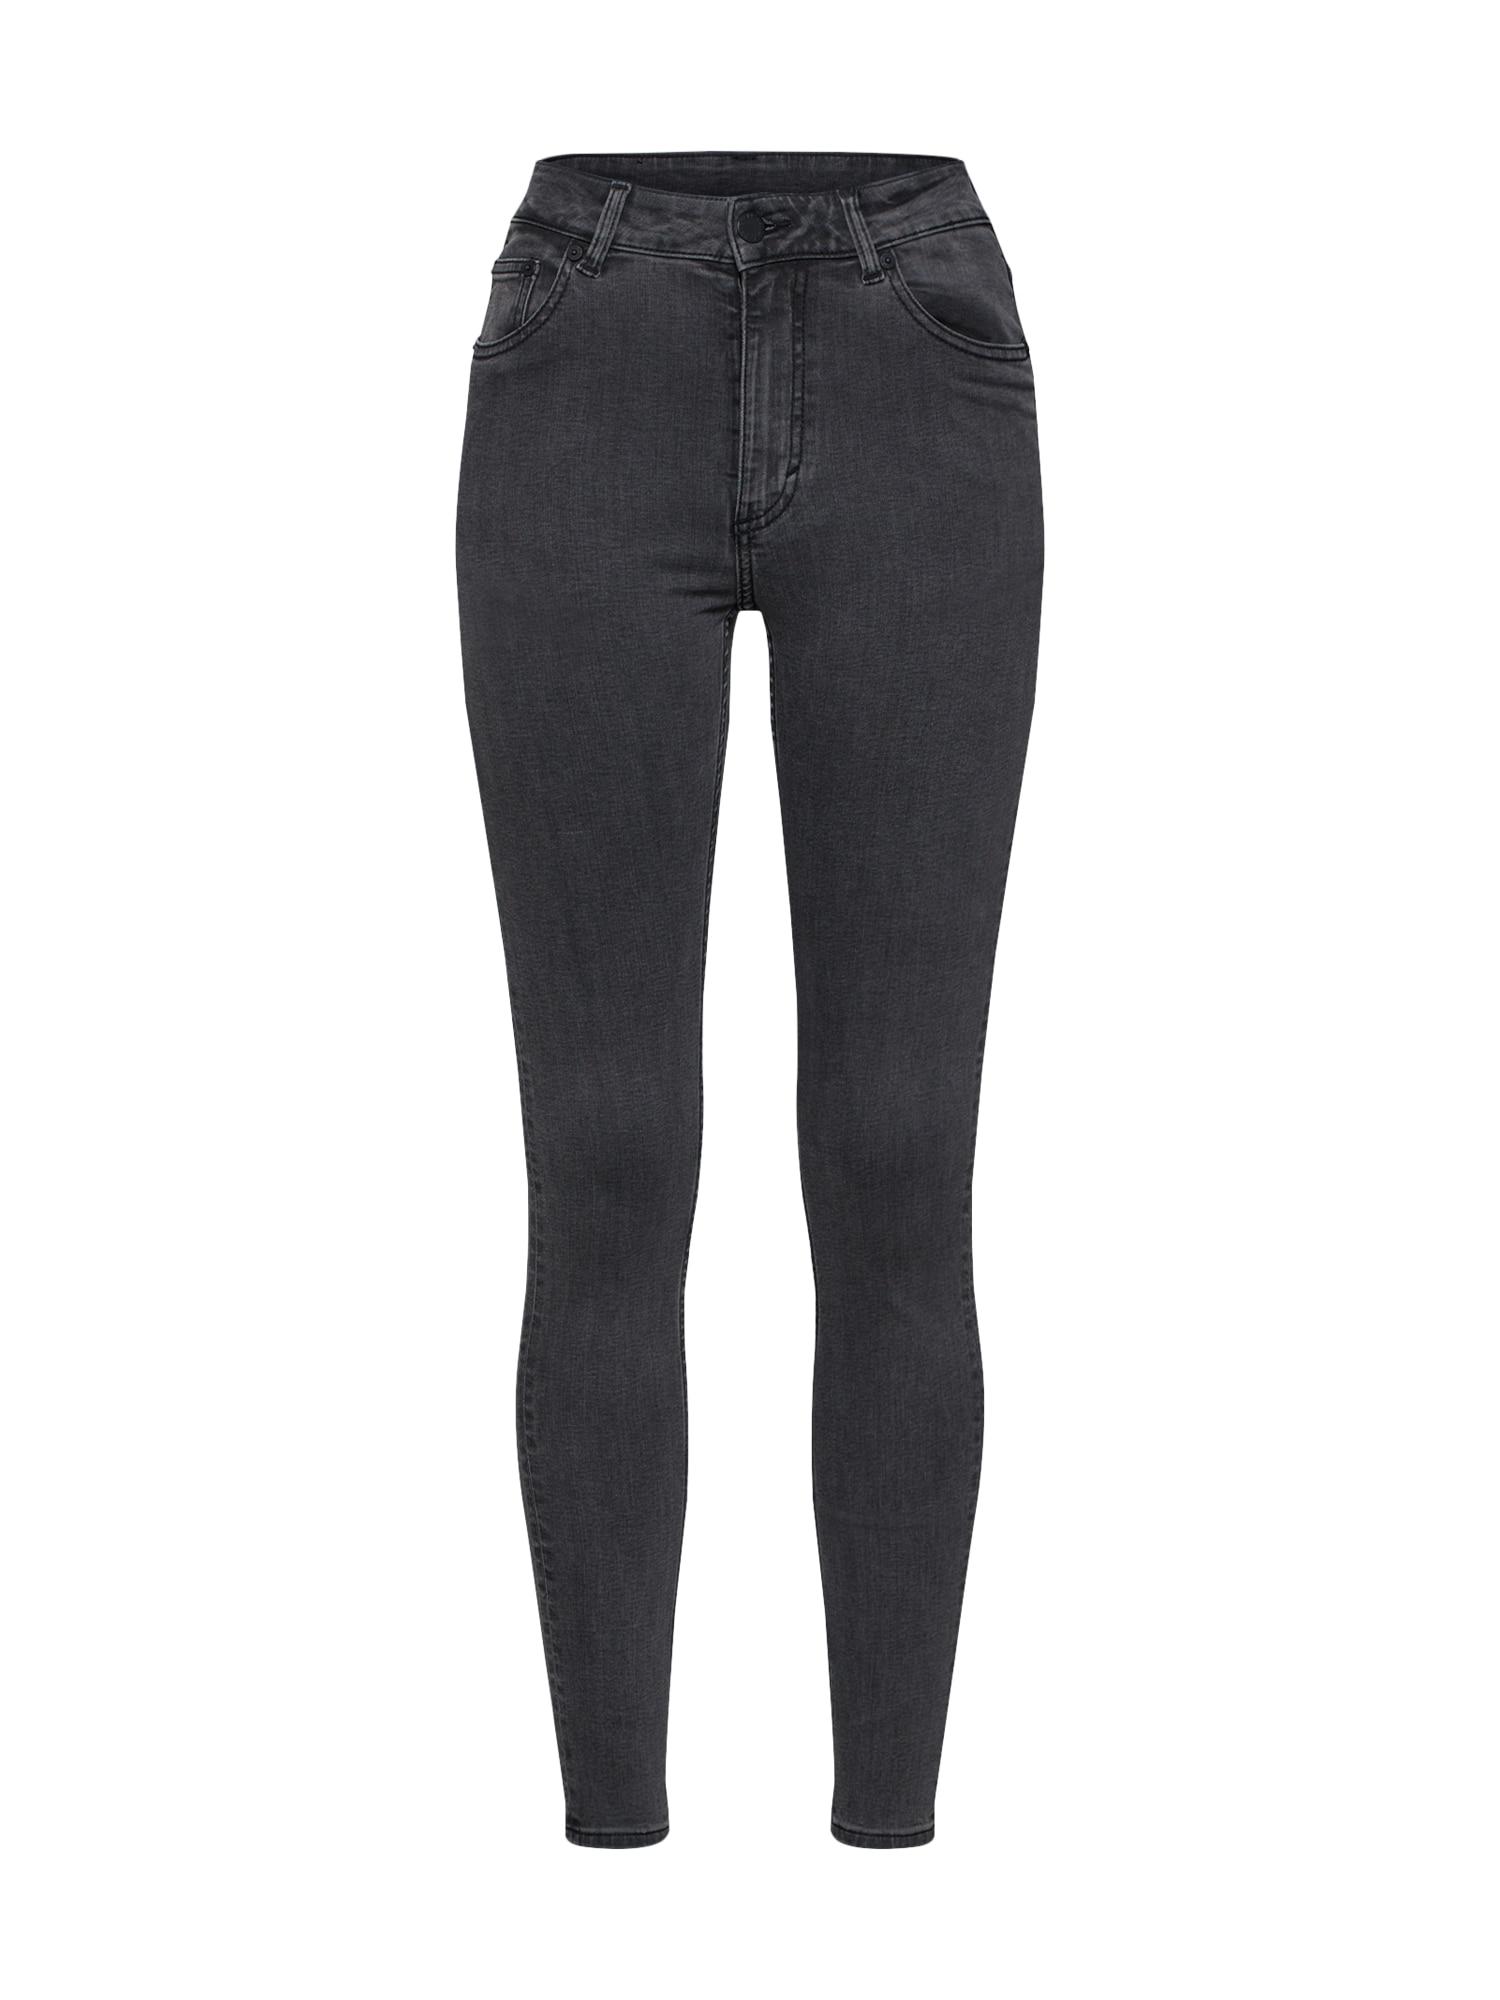 CHEAP MONDAY Dames Jeans High Skin grey denim